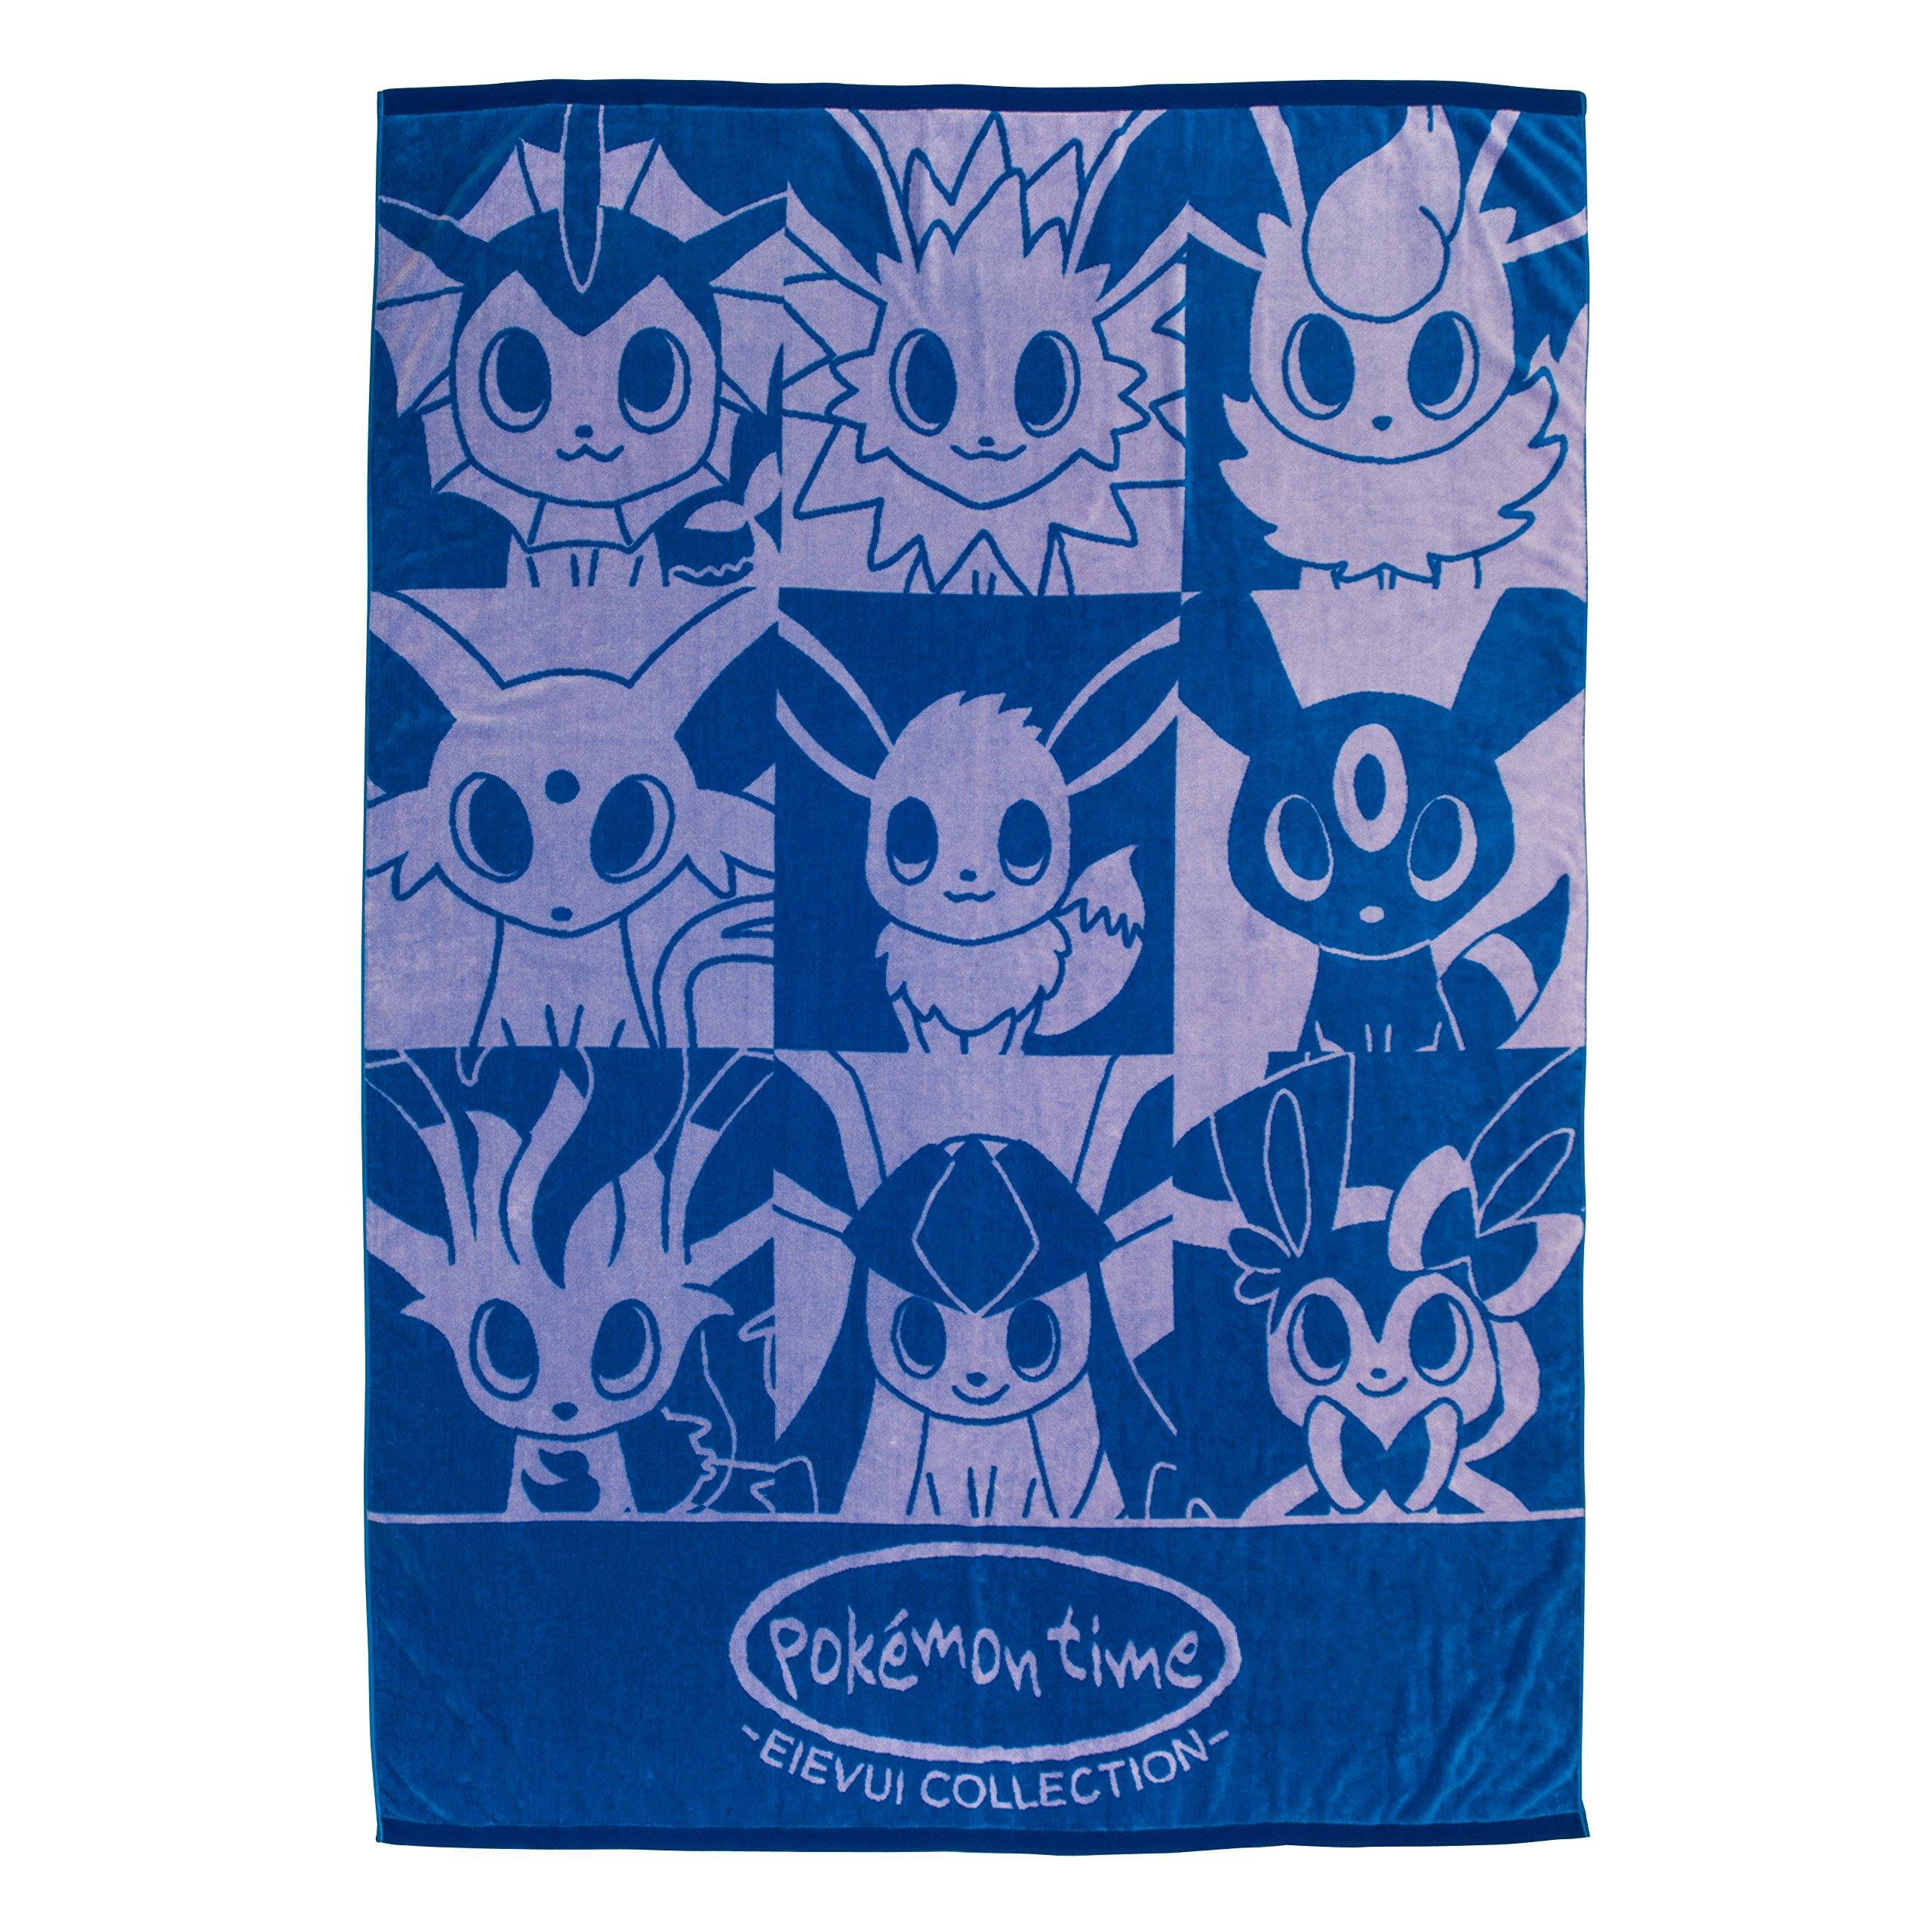 Pokemon Center Original cotton blanket pokémon time EIEVUI COLLECTION